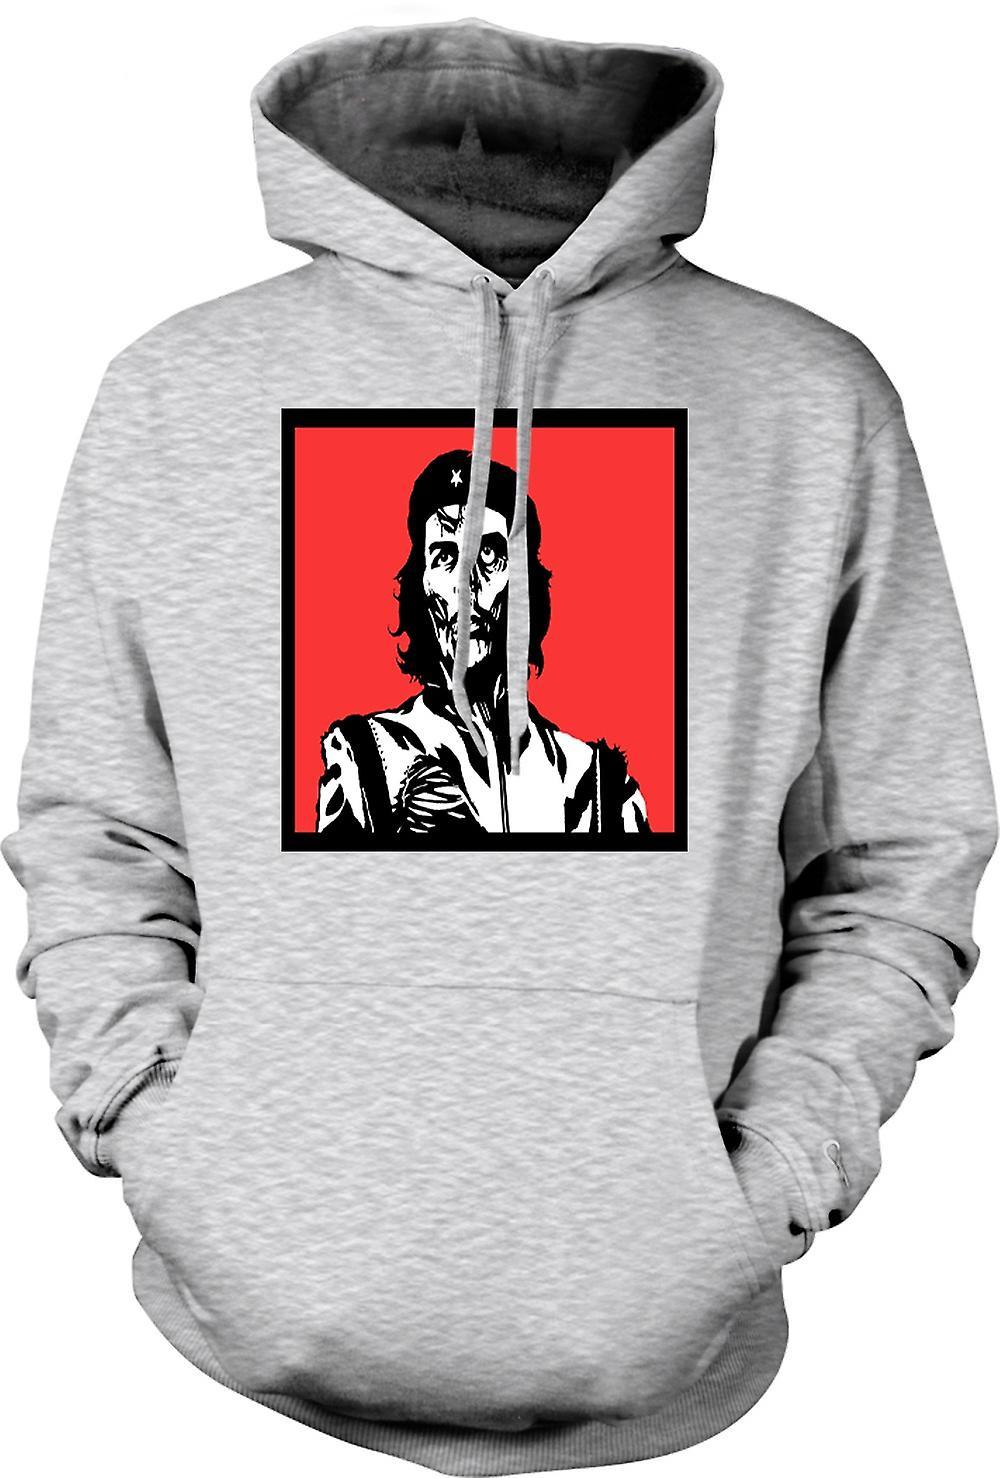 Mens Hoodie - Che Guevara Zombie